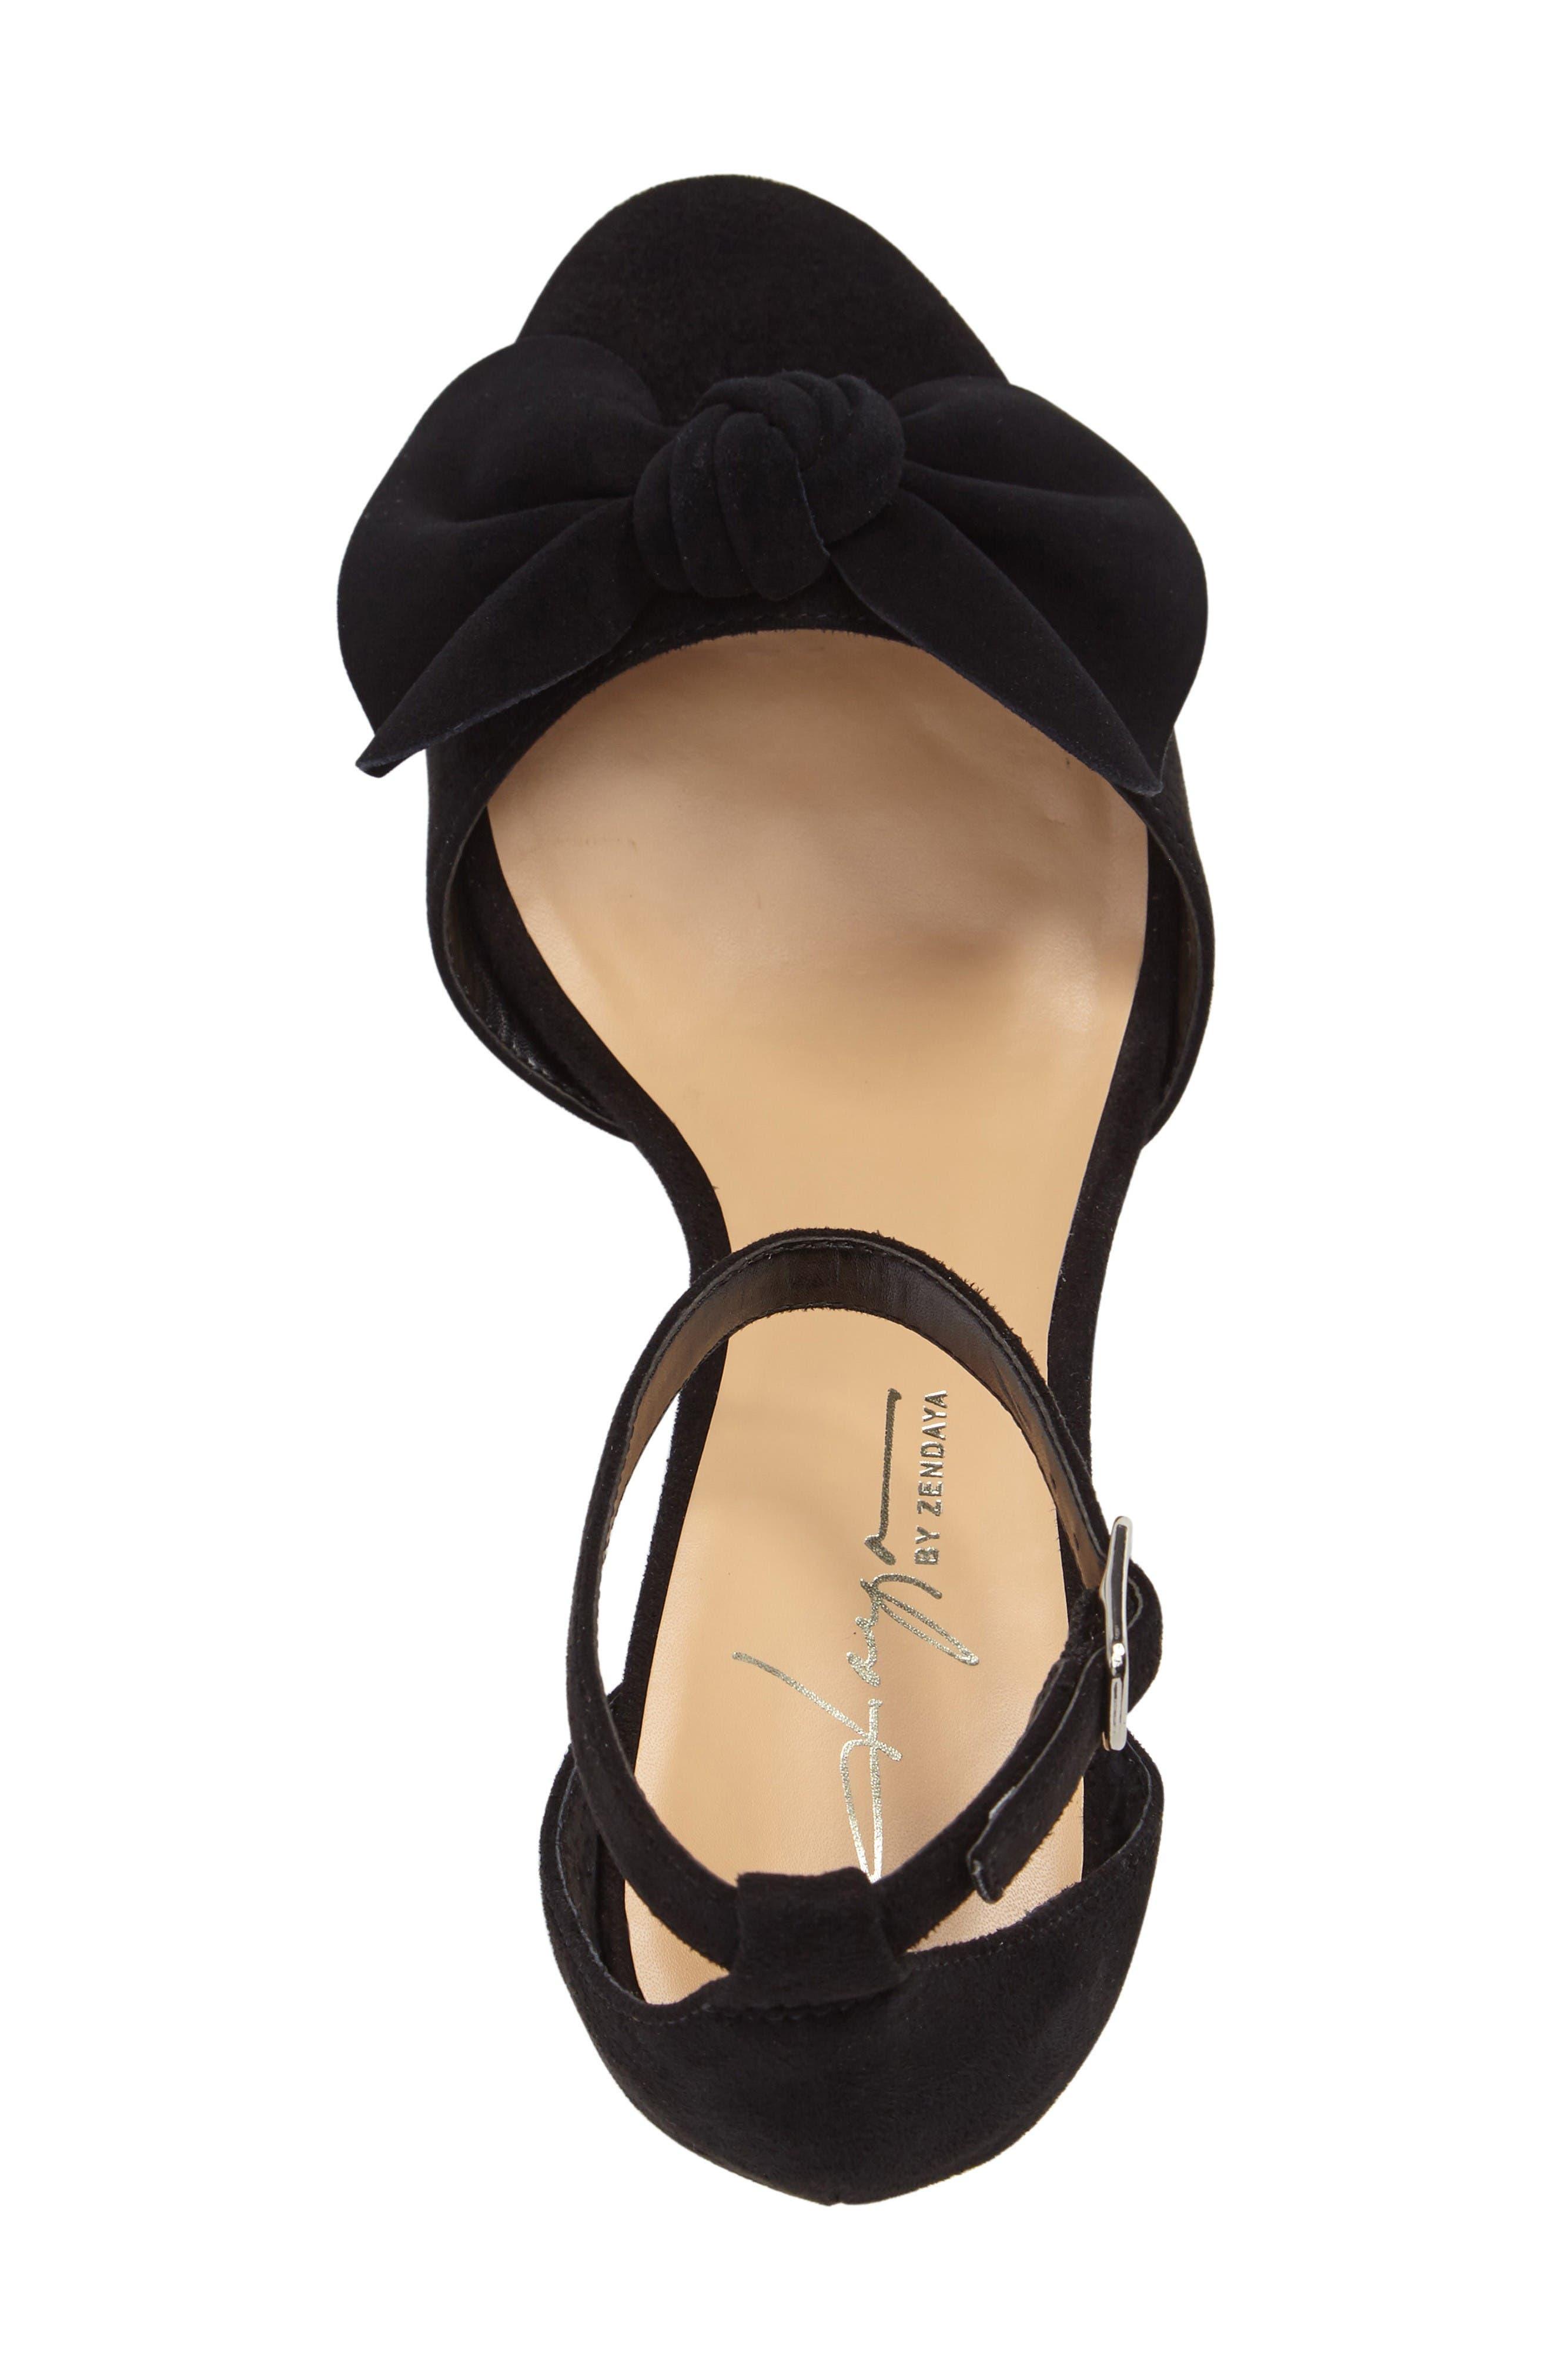 Alternate Image 3  - Daya by Zendaya Simms Ankle Strap Sandal (Women)